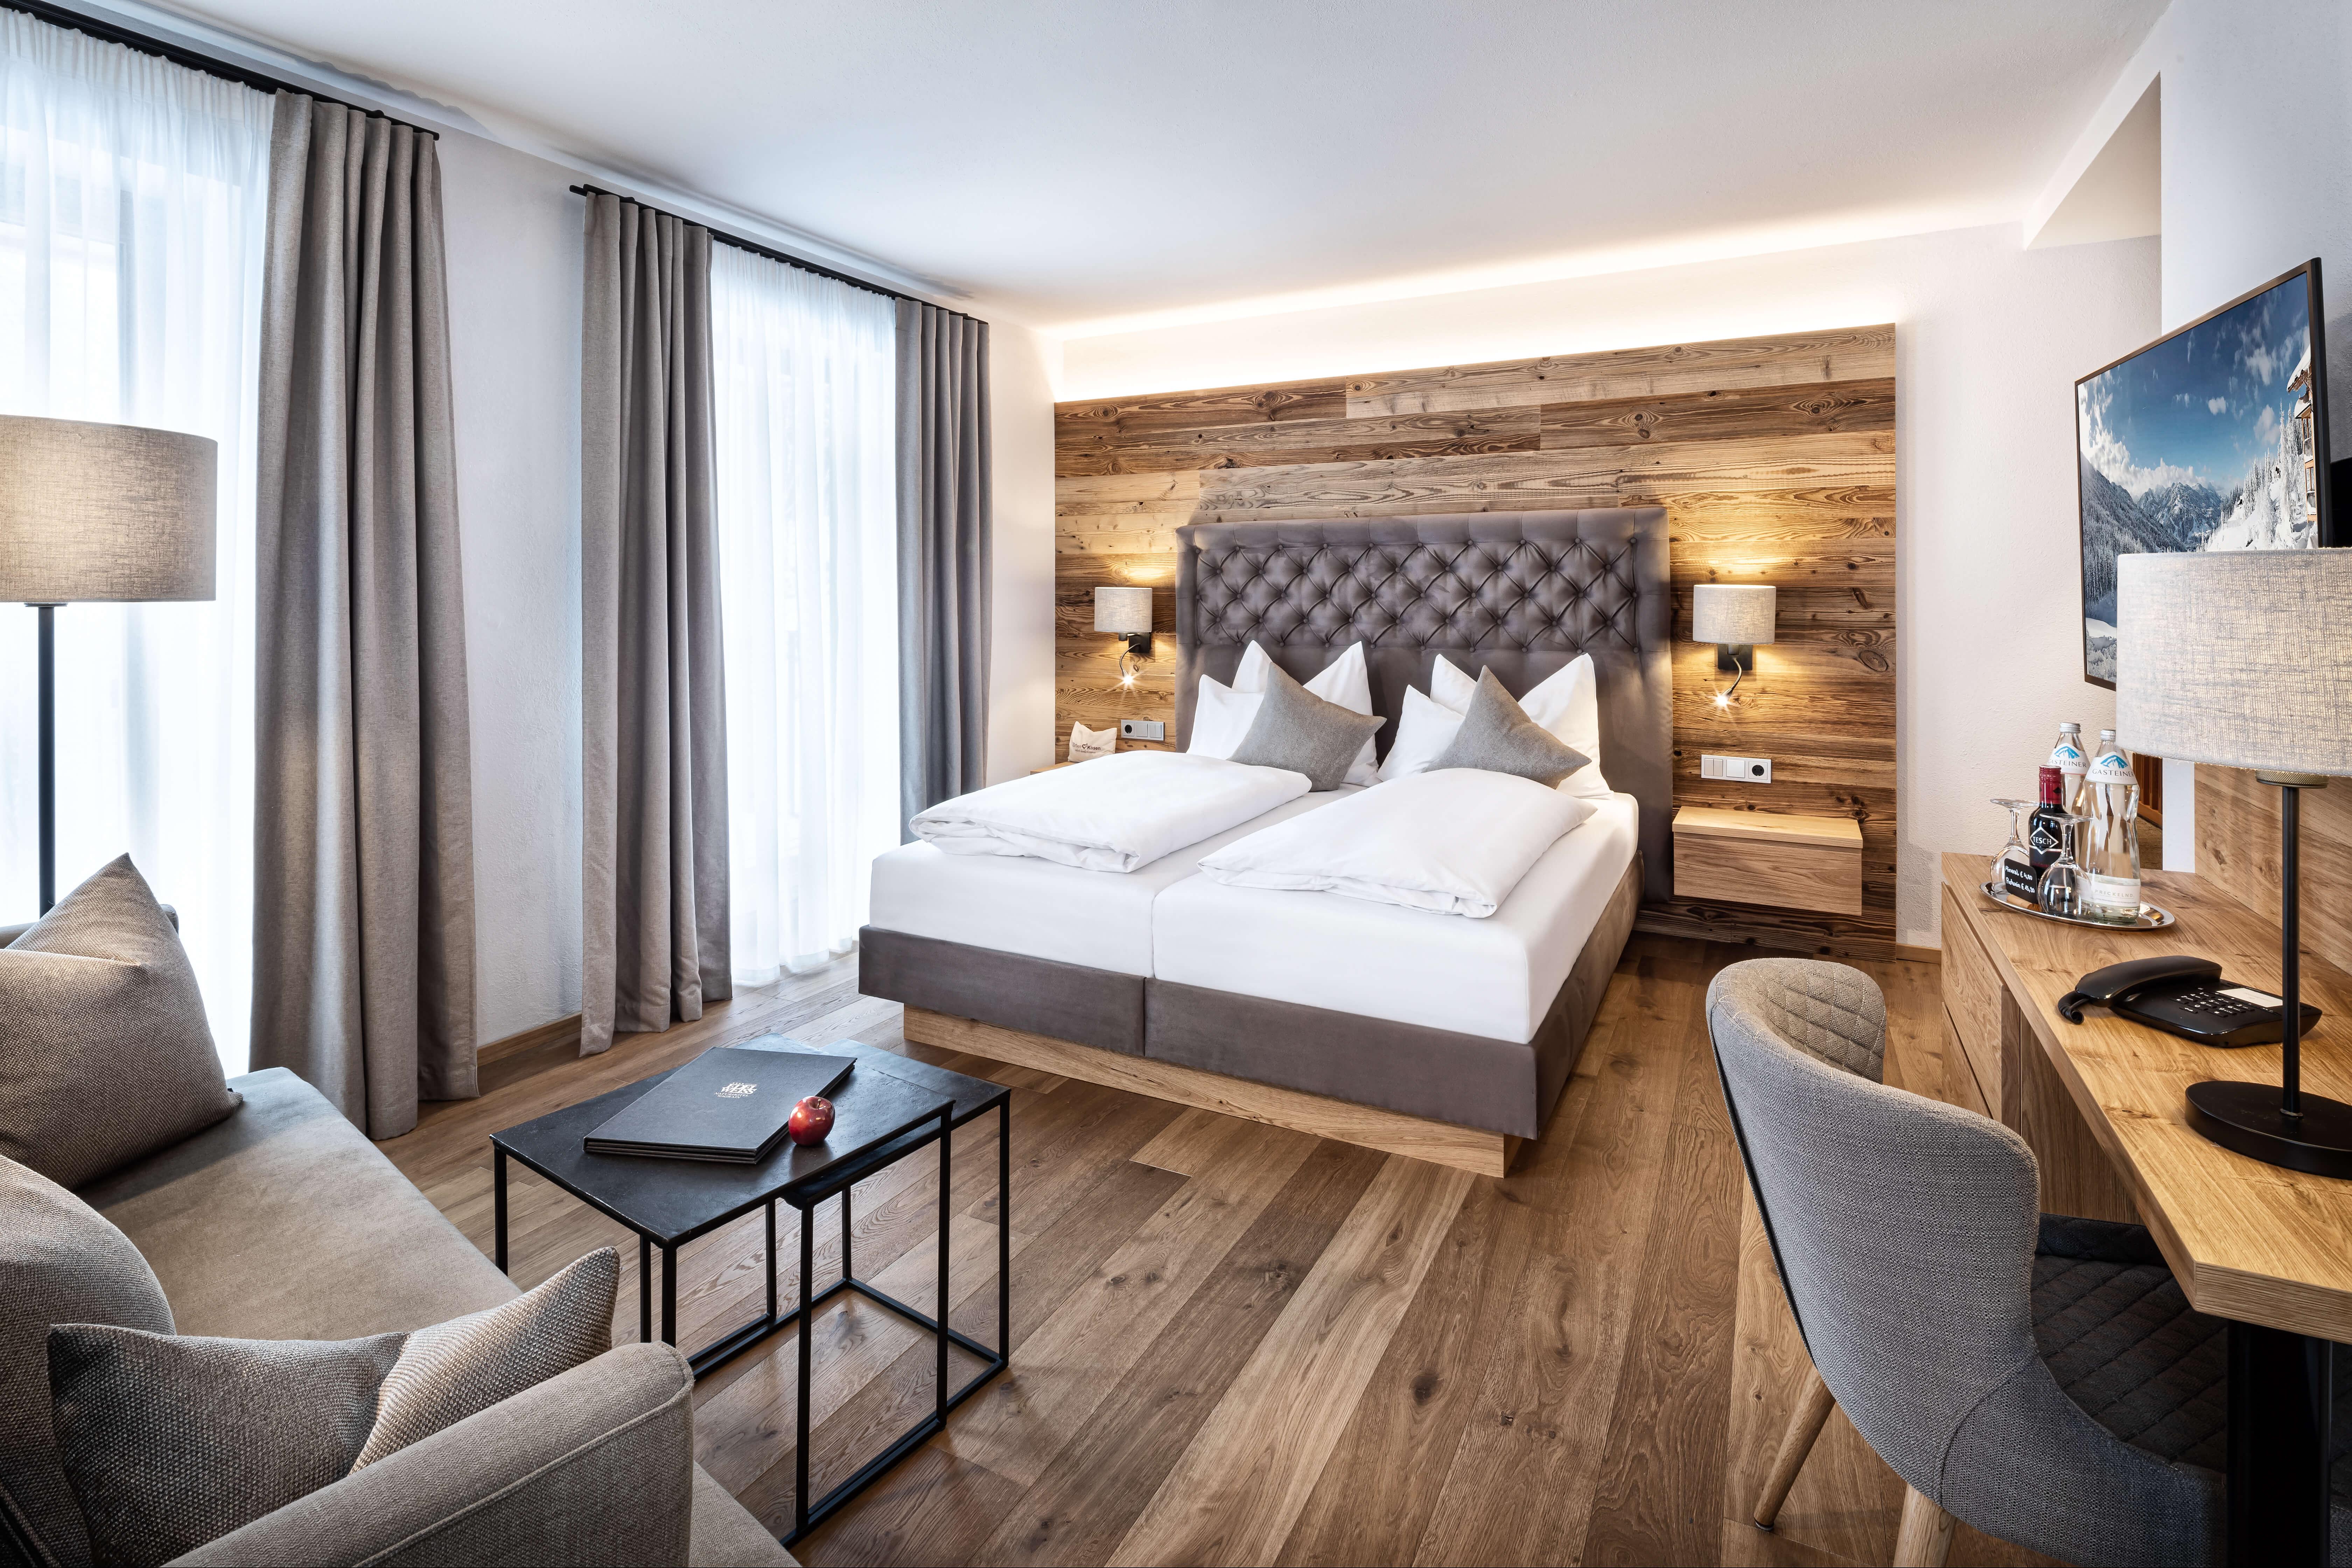 Ansicht Doppelzimmer Alpenzauber im Naturidyll Hotel Edelweiss Wagrain